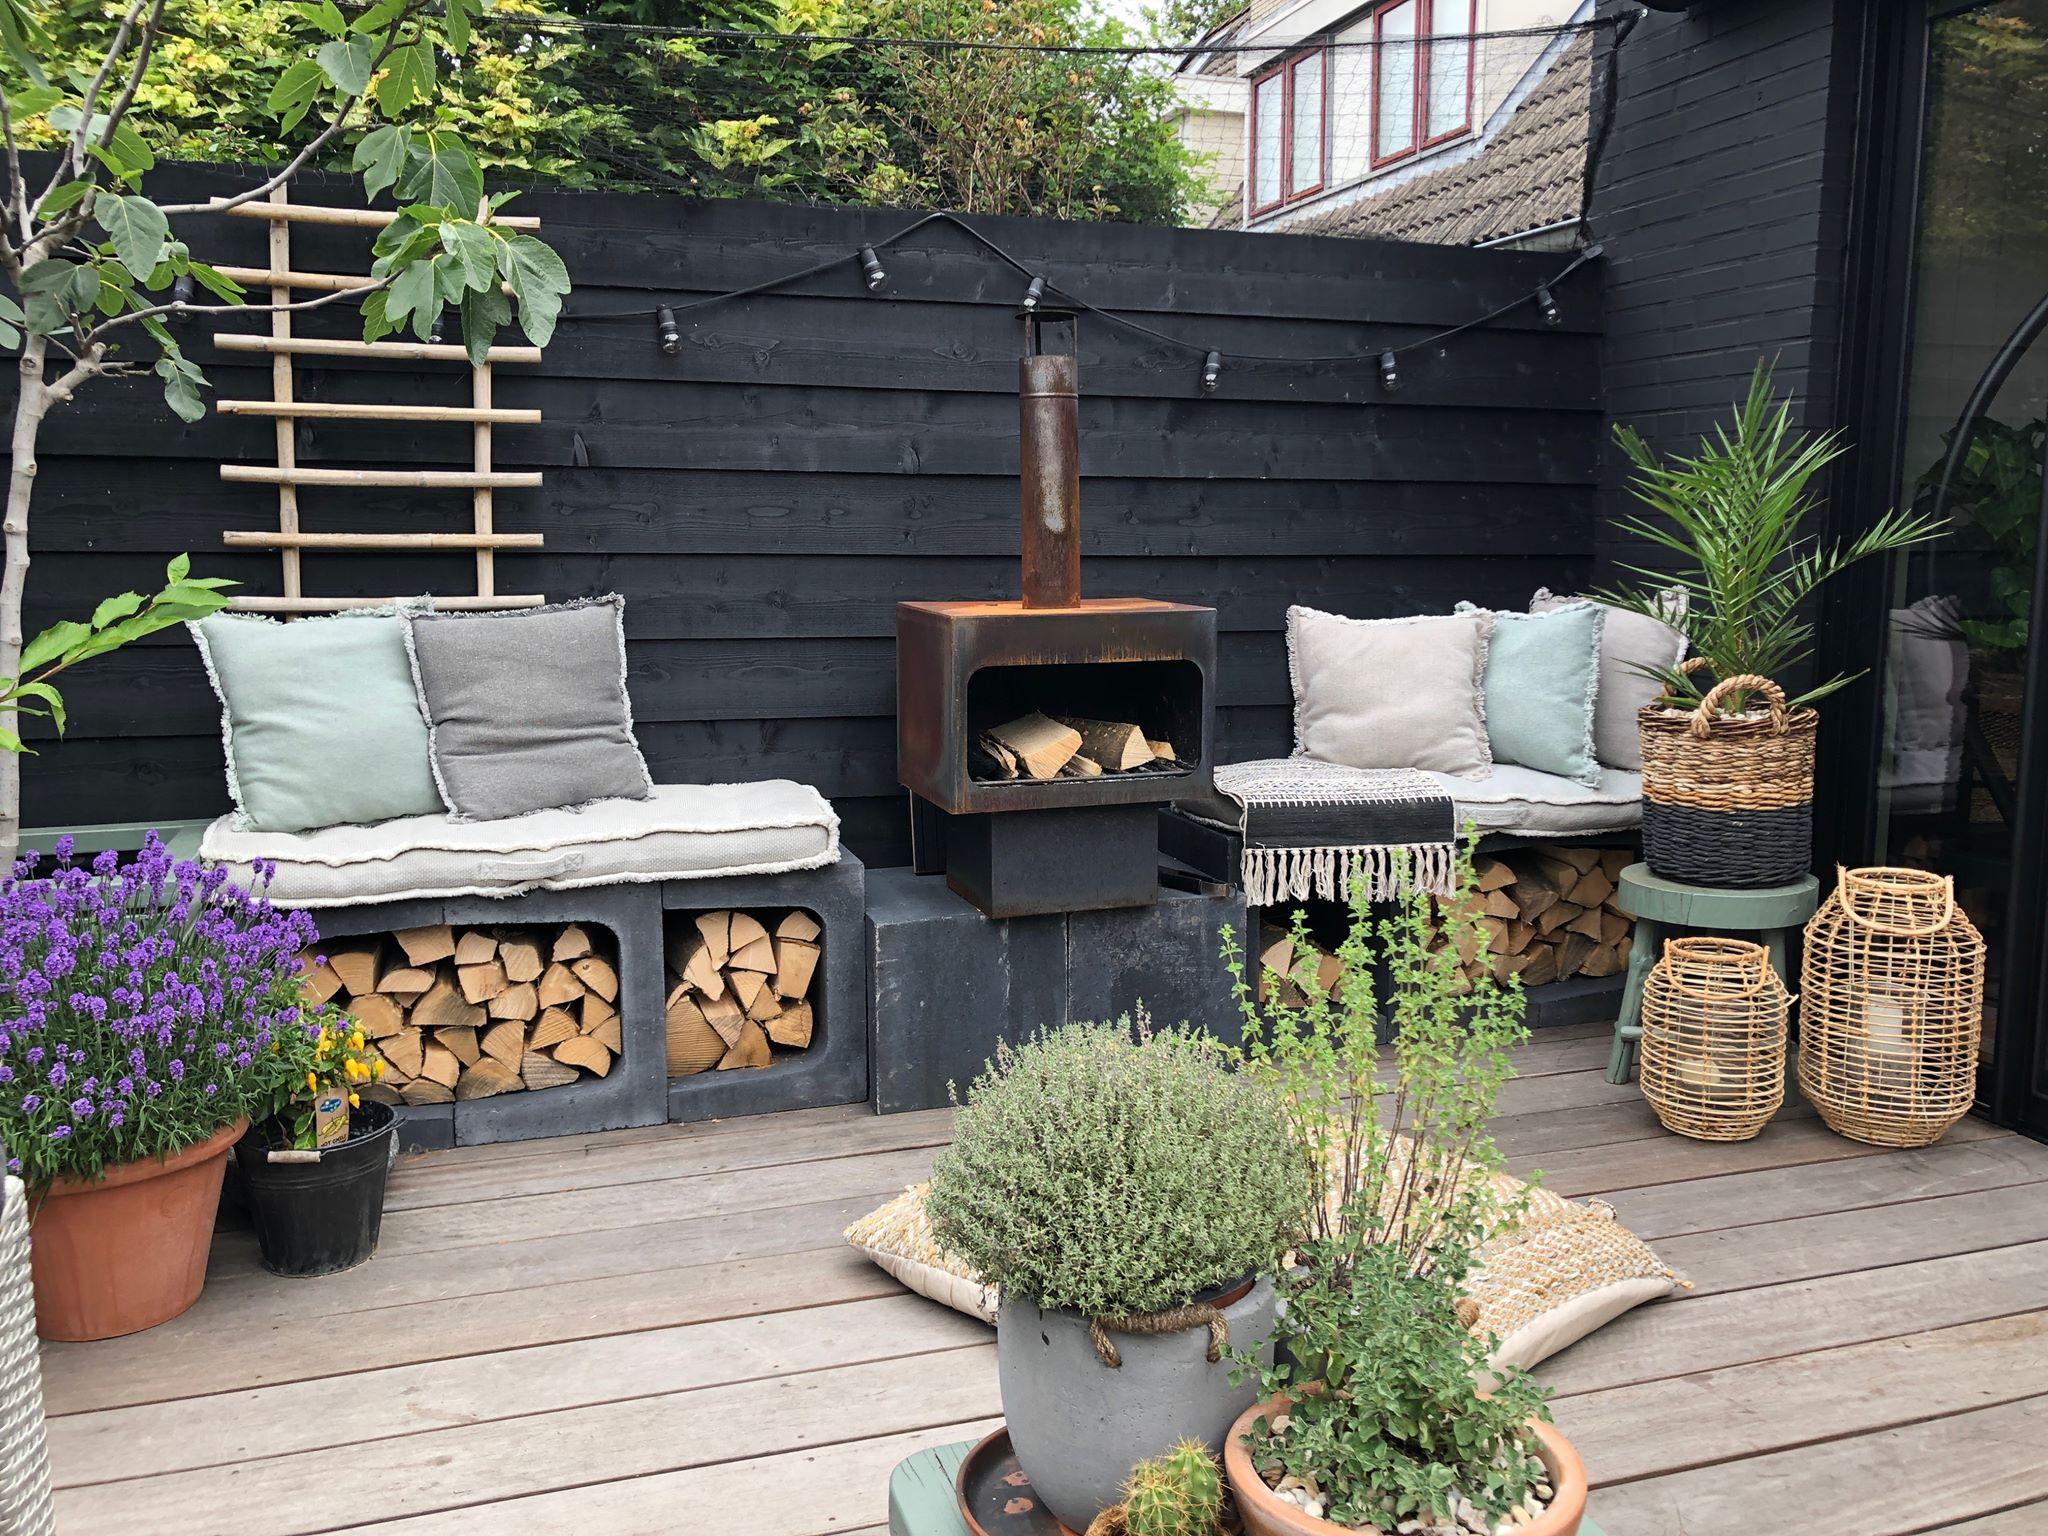 Spiksplinternieuw Een tuin stoer inrichten: tips - Familie BinnensteBuiten EJ-68